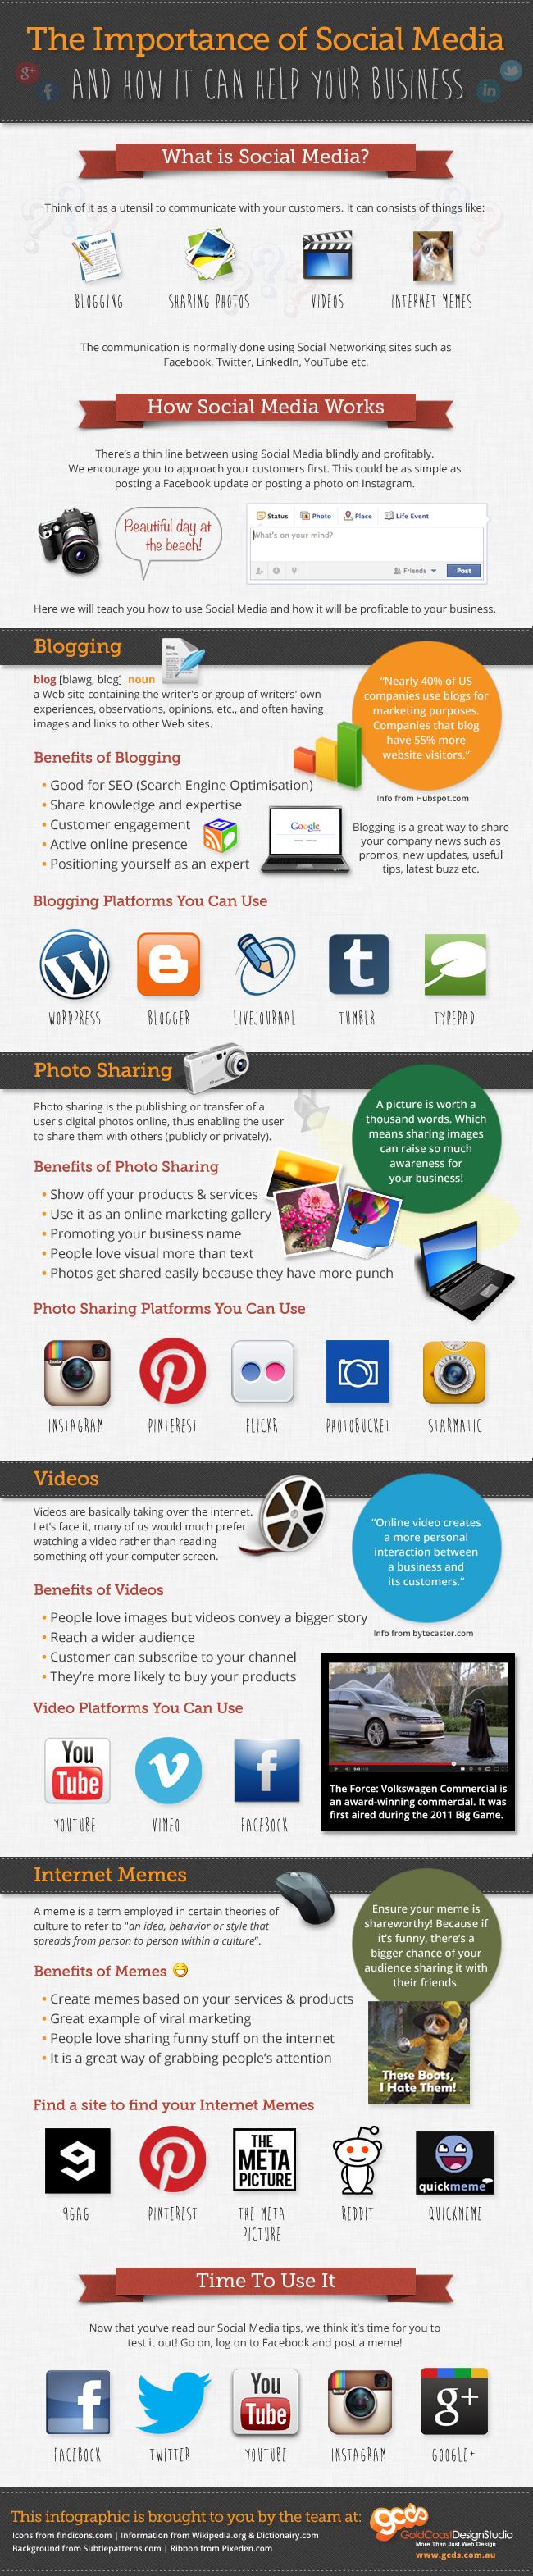 La importancia del Social Media y cómo puede ayudar a tu empresa